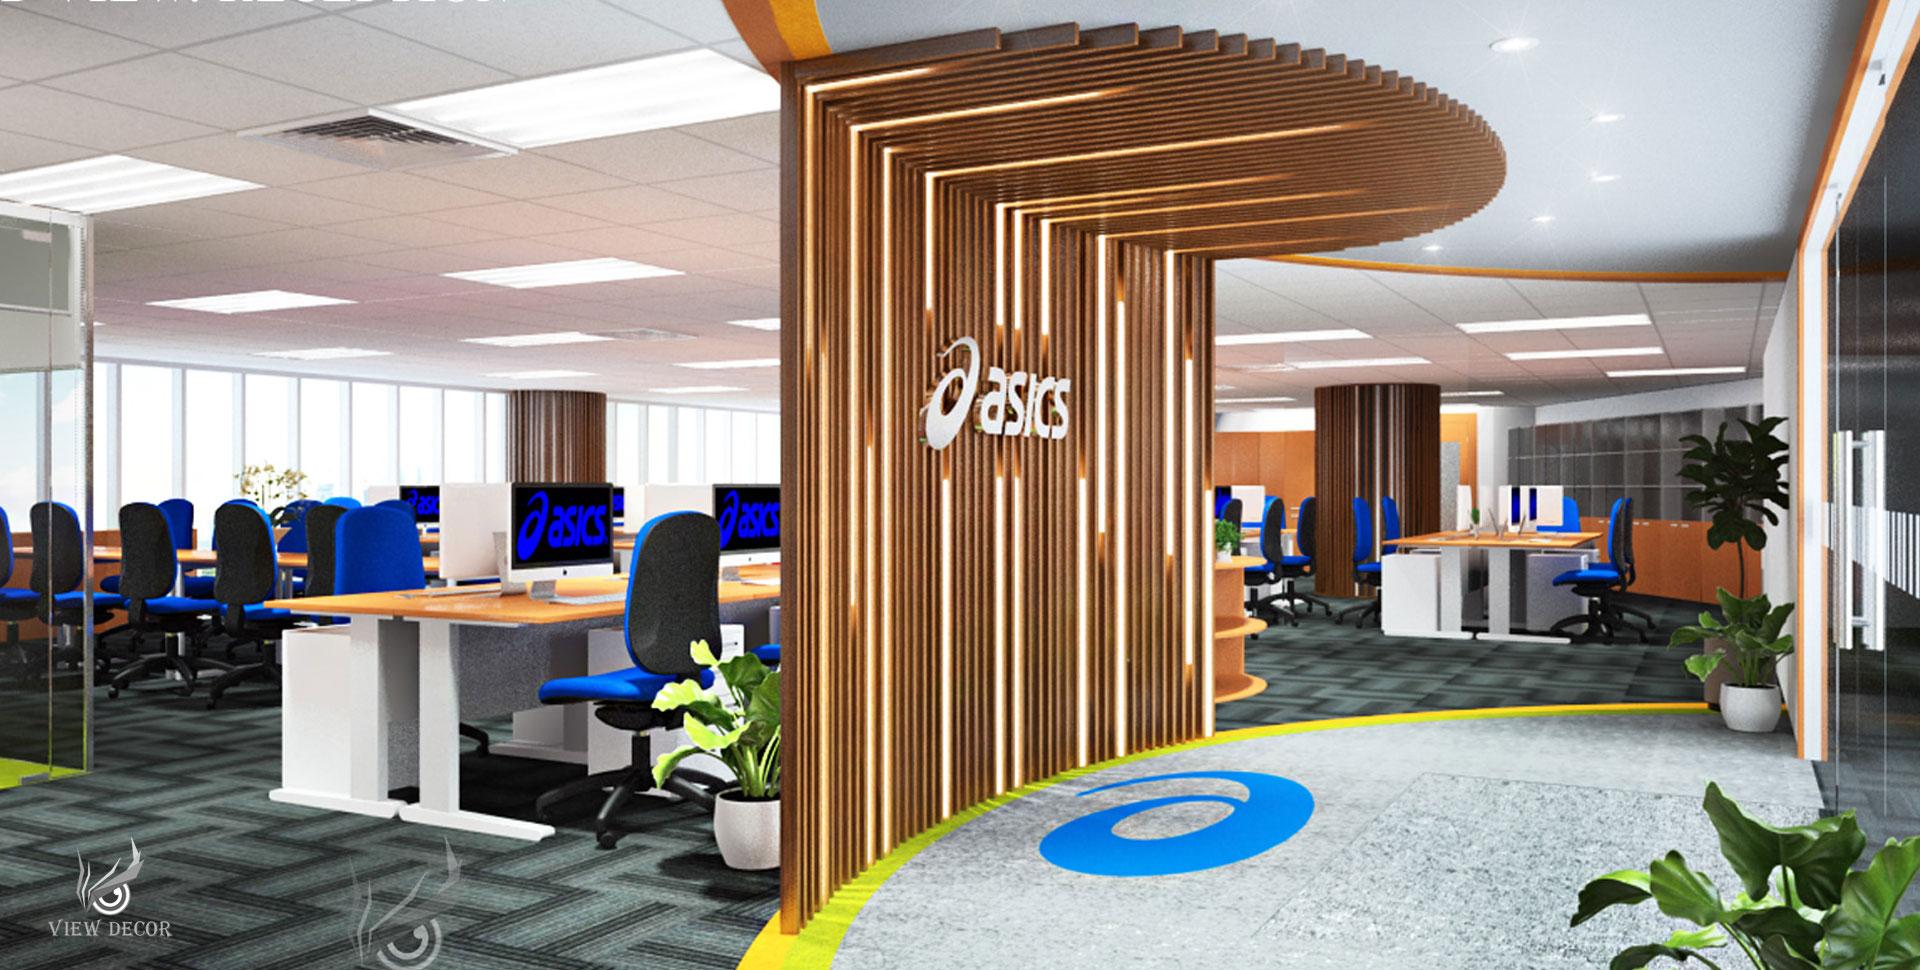 Thi Công Văn Phòng công ty ASICS